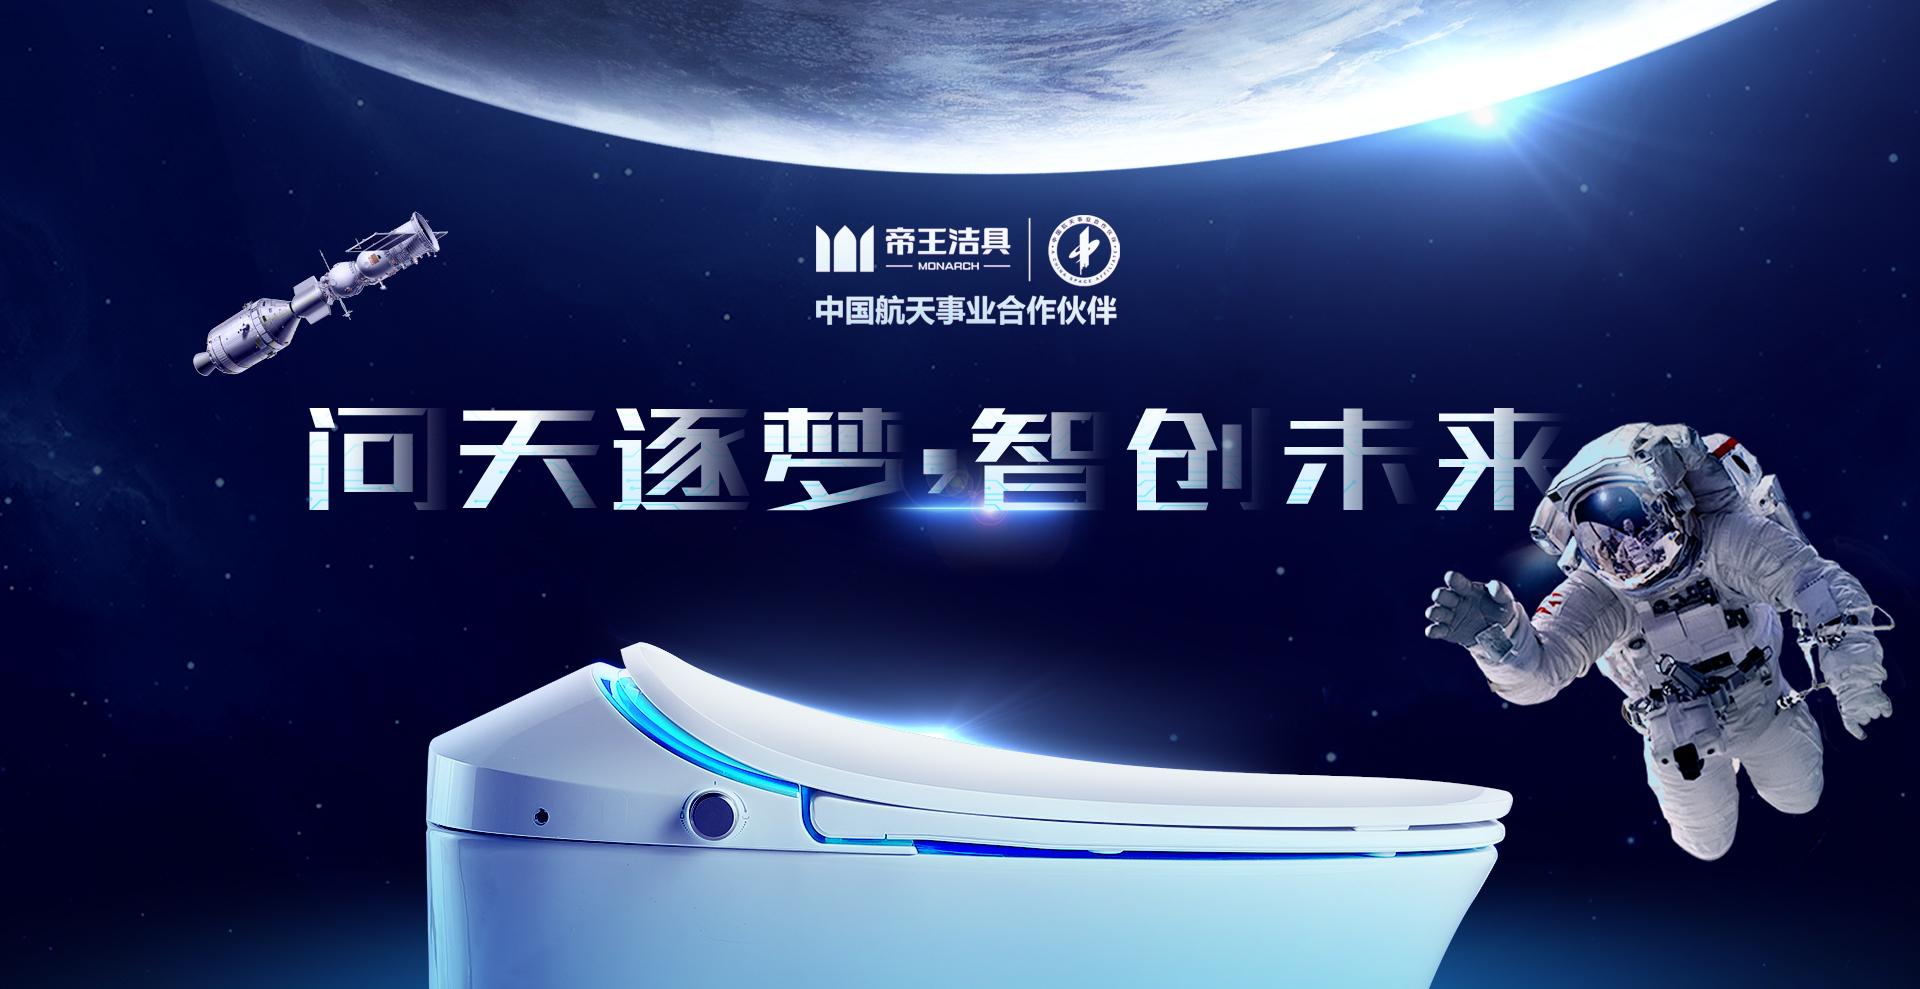 帝王洁具-中国航天合作事业伙伴3